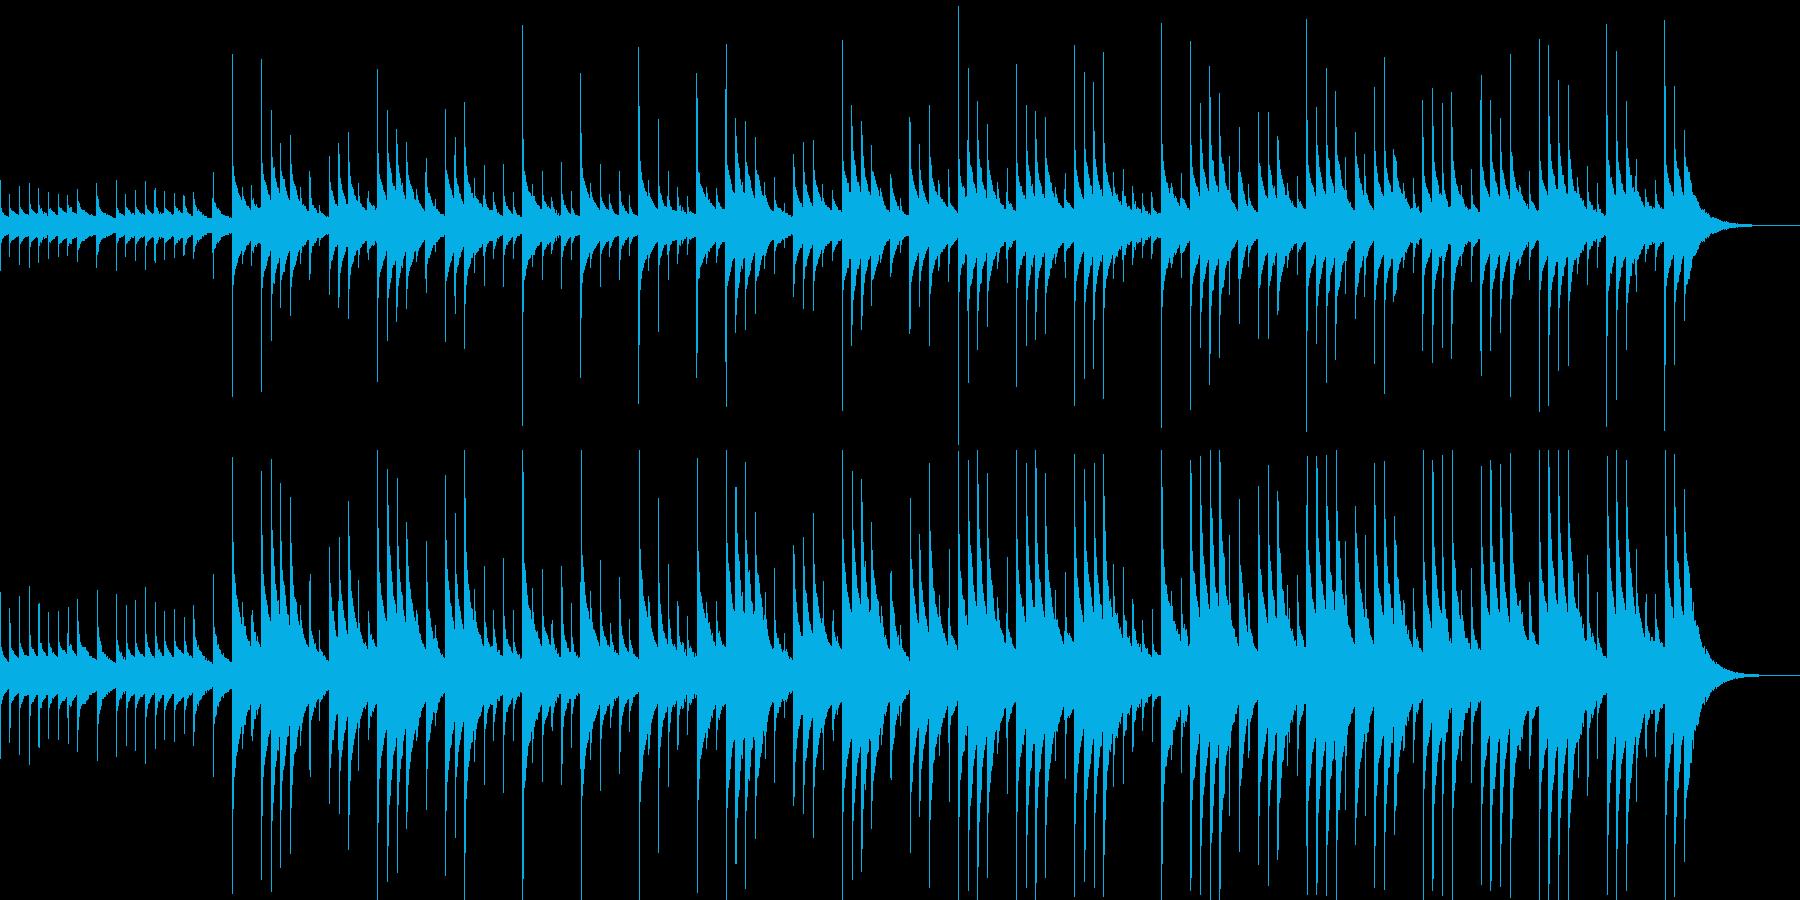 【オルゴール】森や湖のイメージ(ループ)の再生済みの波形